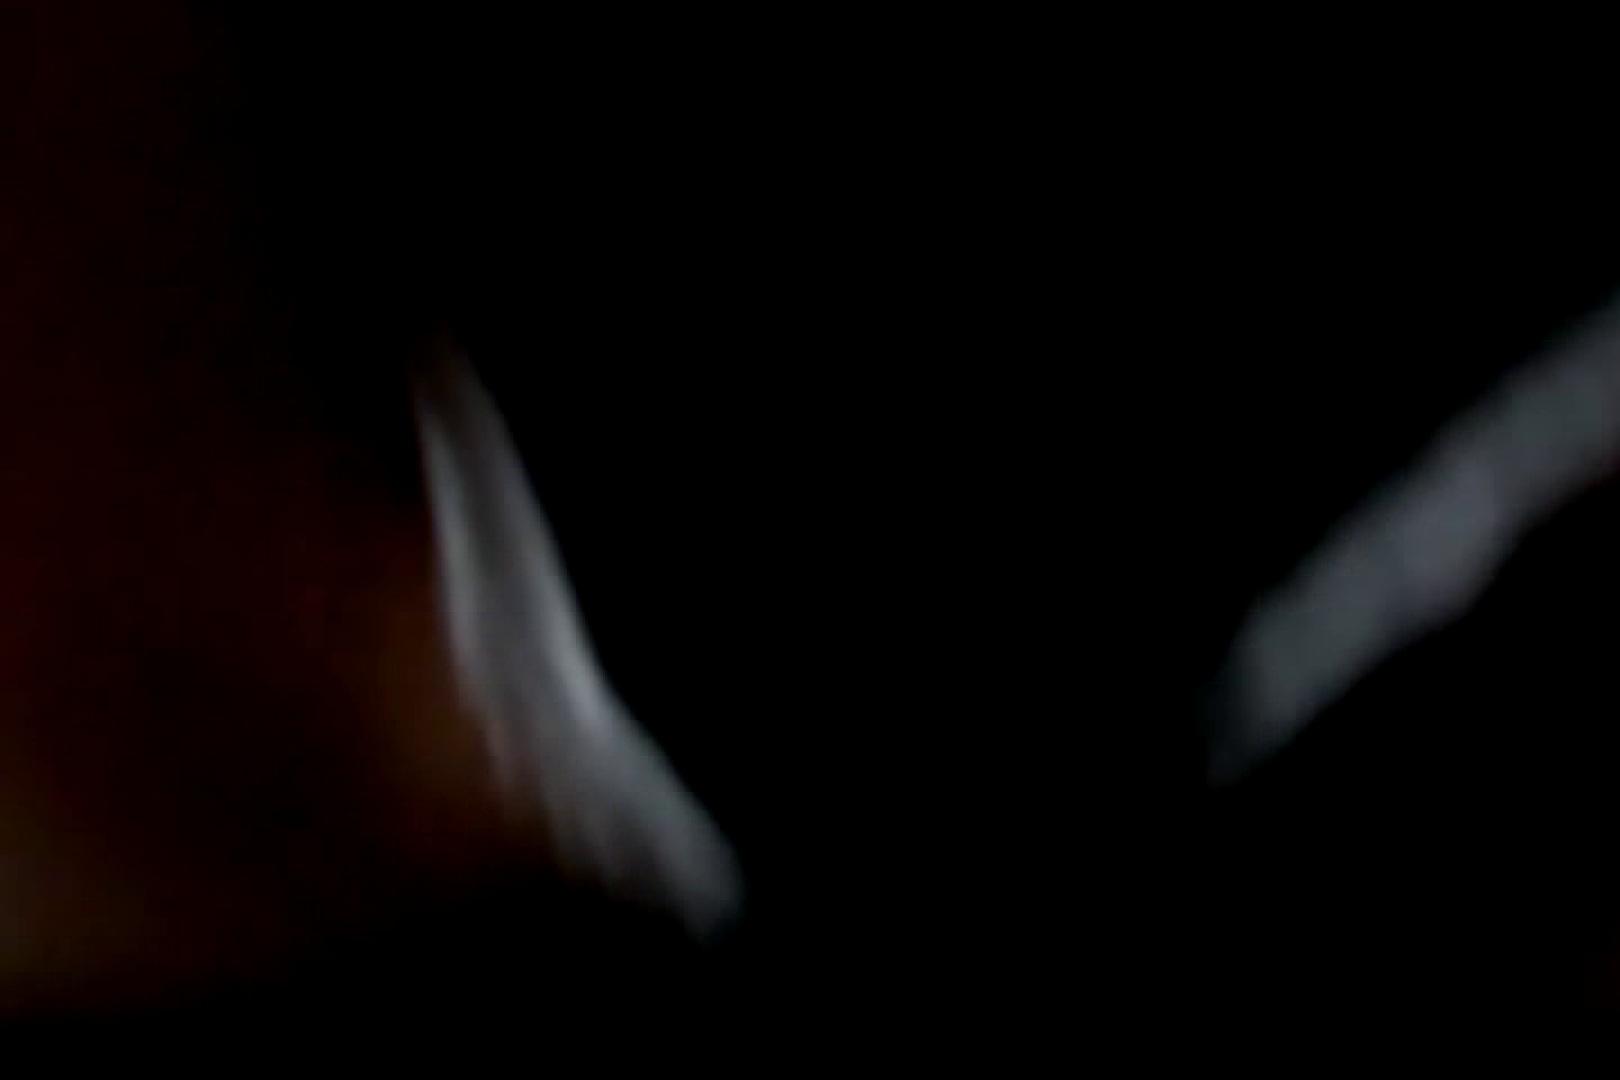 ウイルス流出 レオ&マンコのアルバム プライベート | マンコ  74画像 71